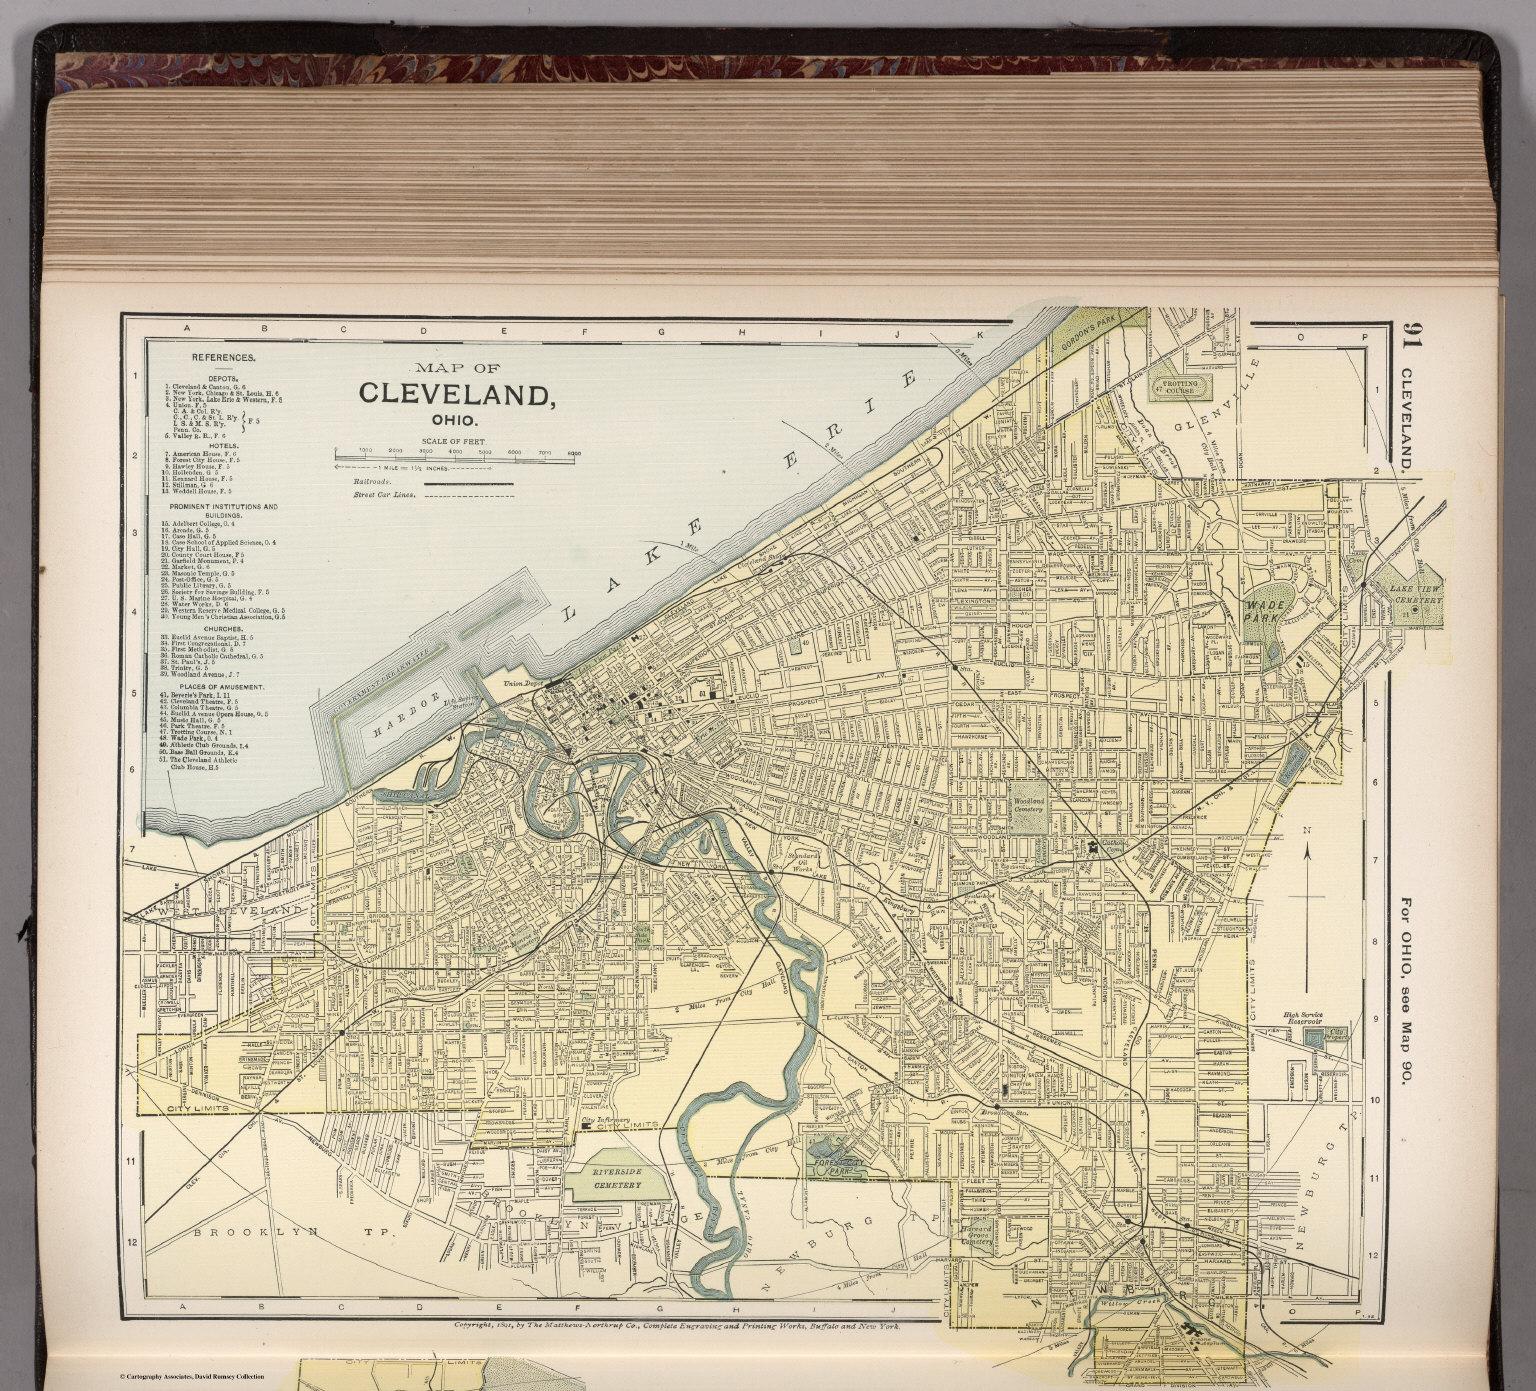 Map of Cleveland, Ohio. 91